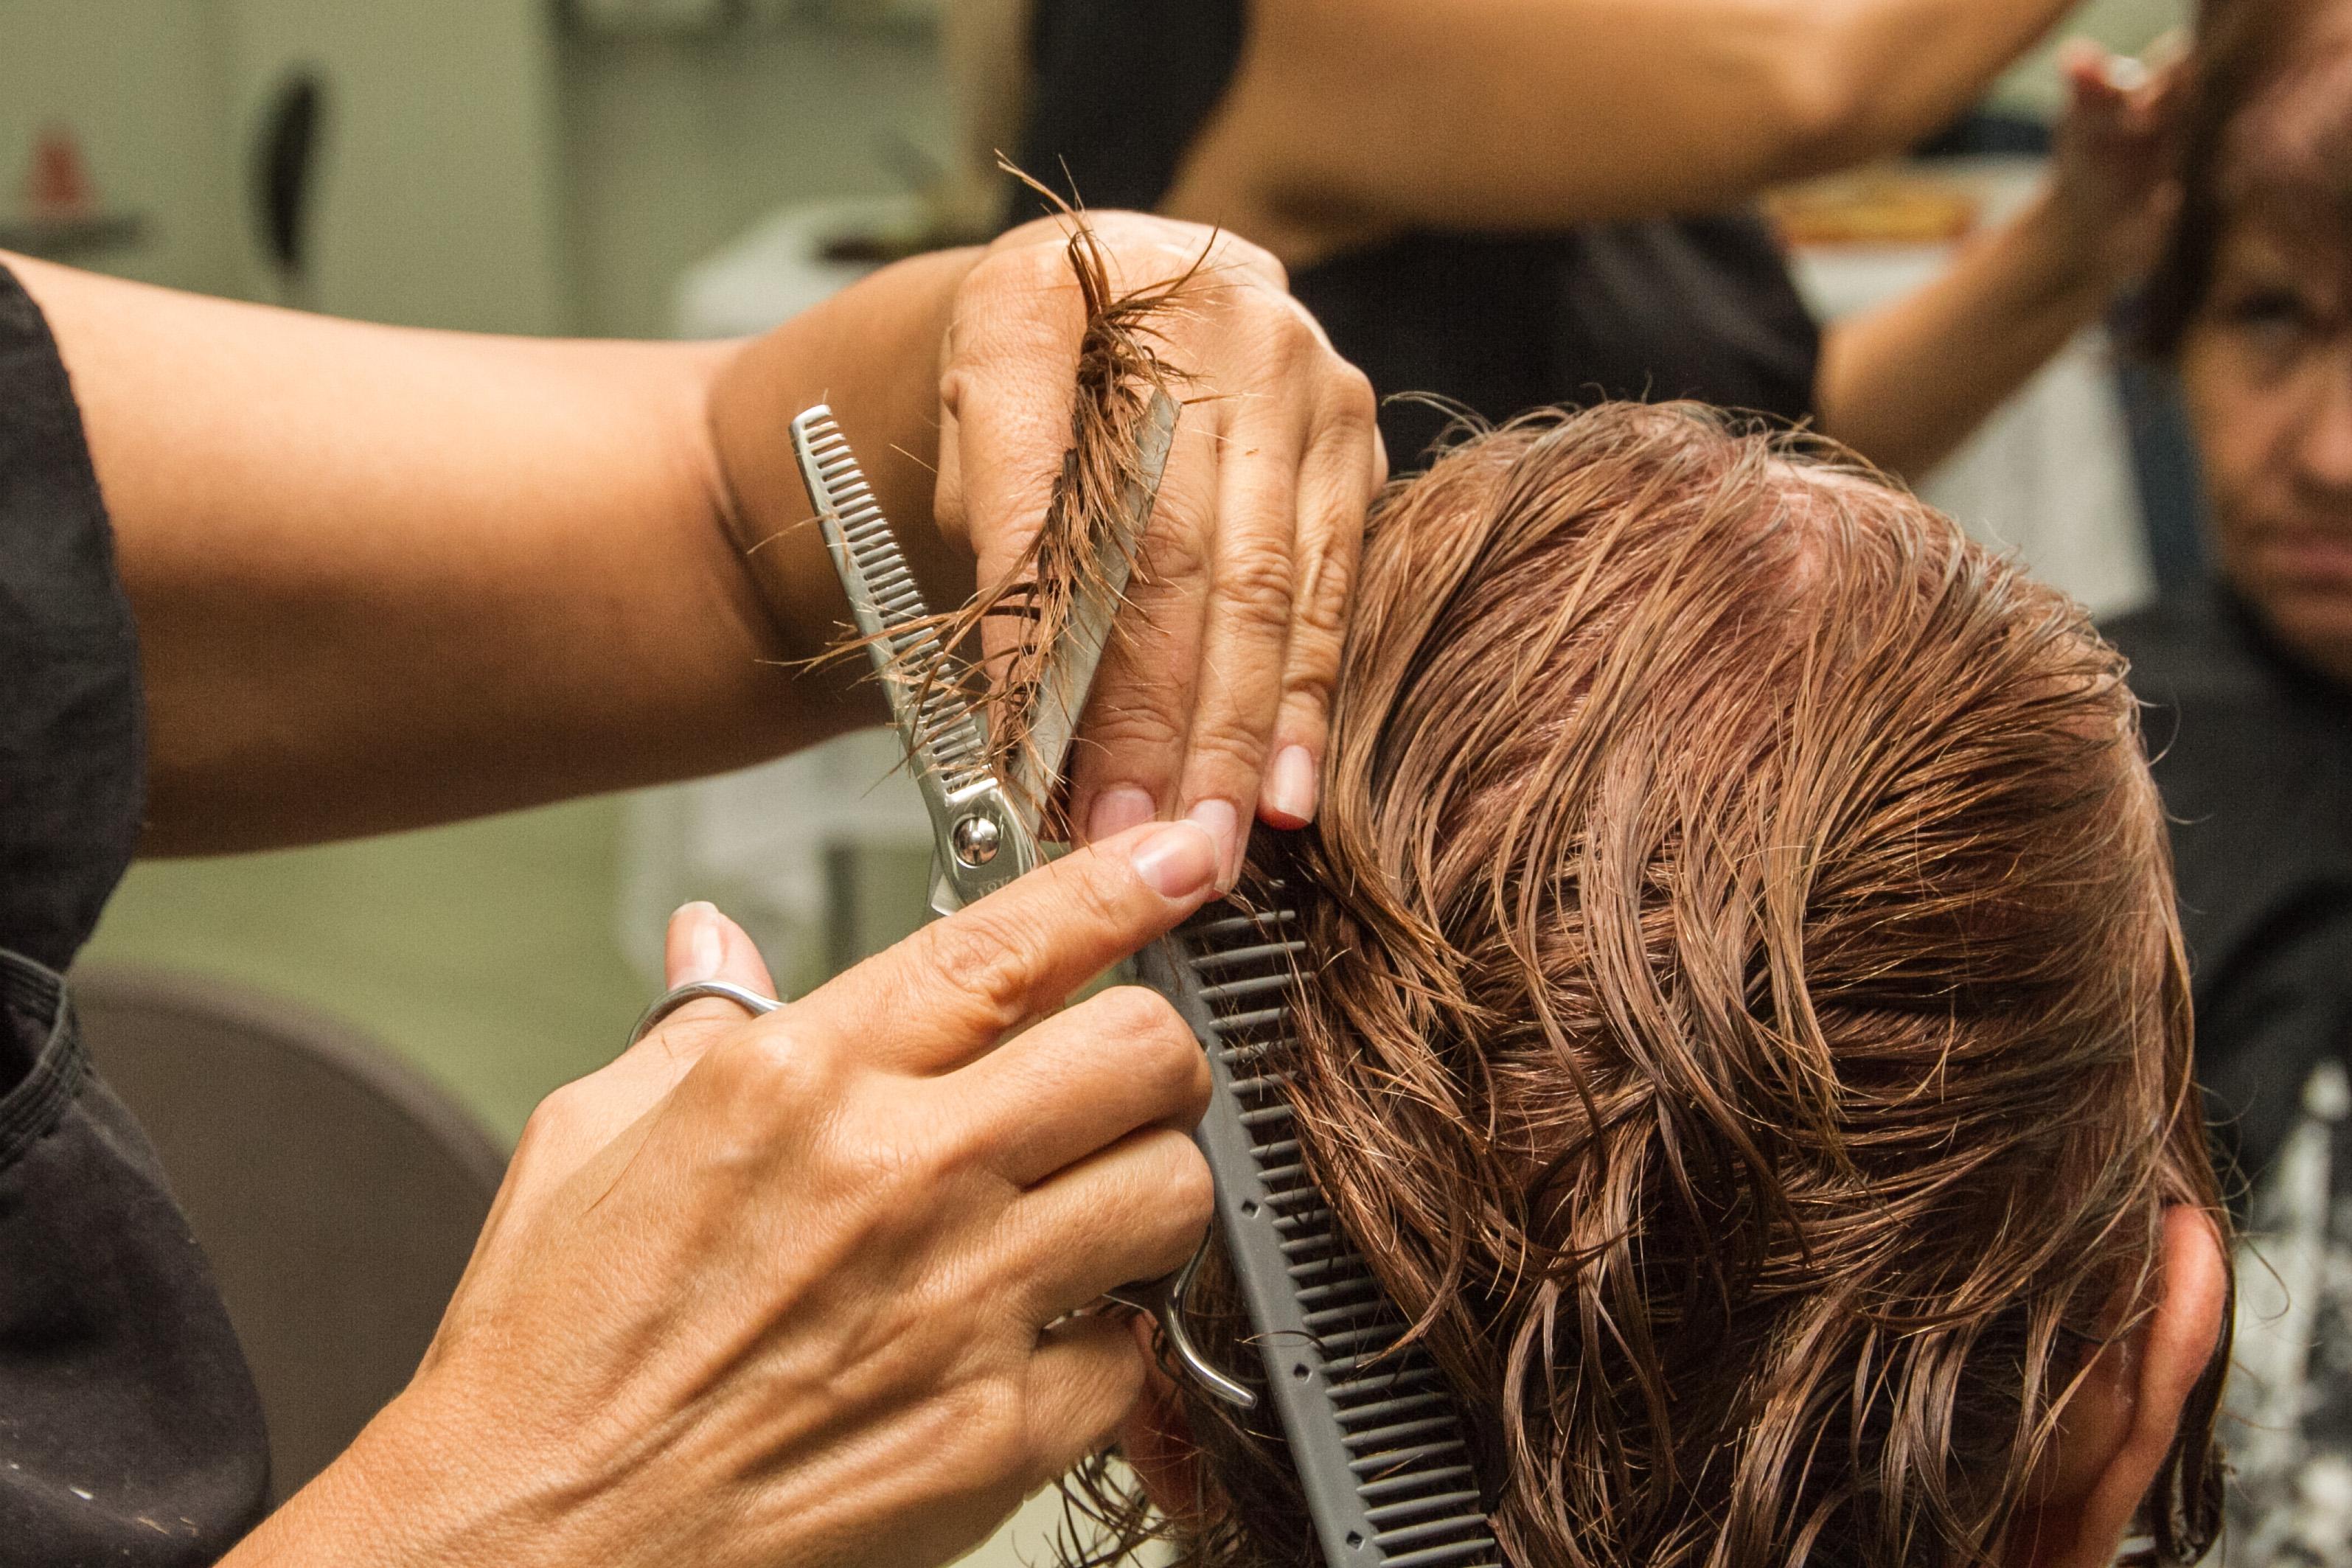 Vagas em cursos de barbearia, design de sobrancelhas e manicure no Fumacê